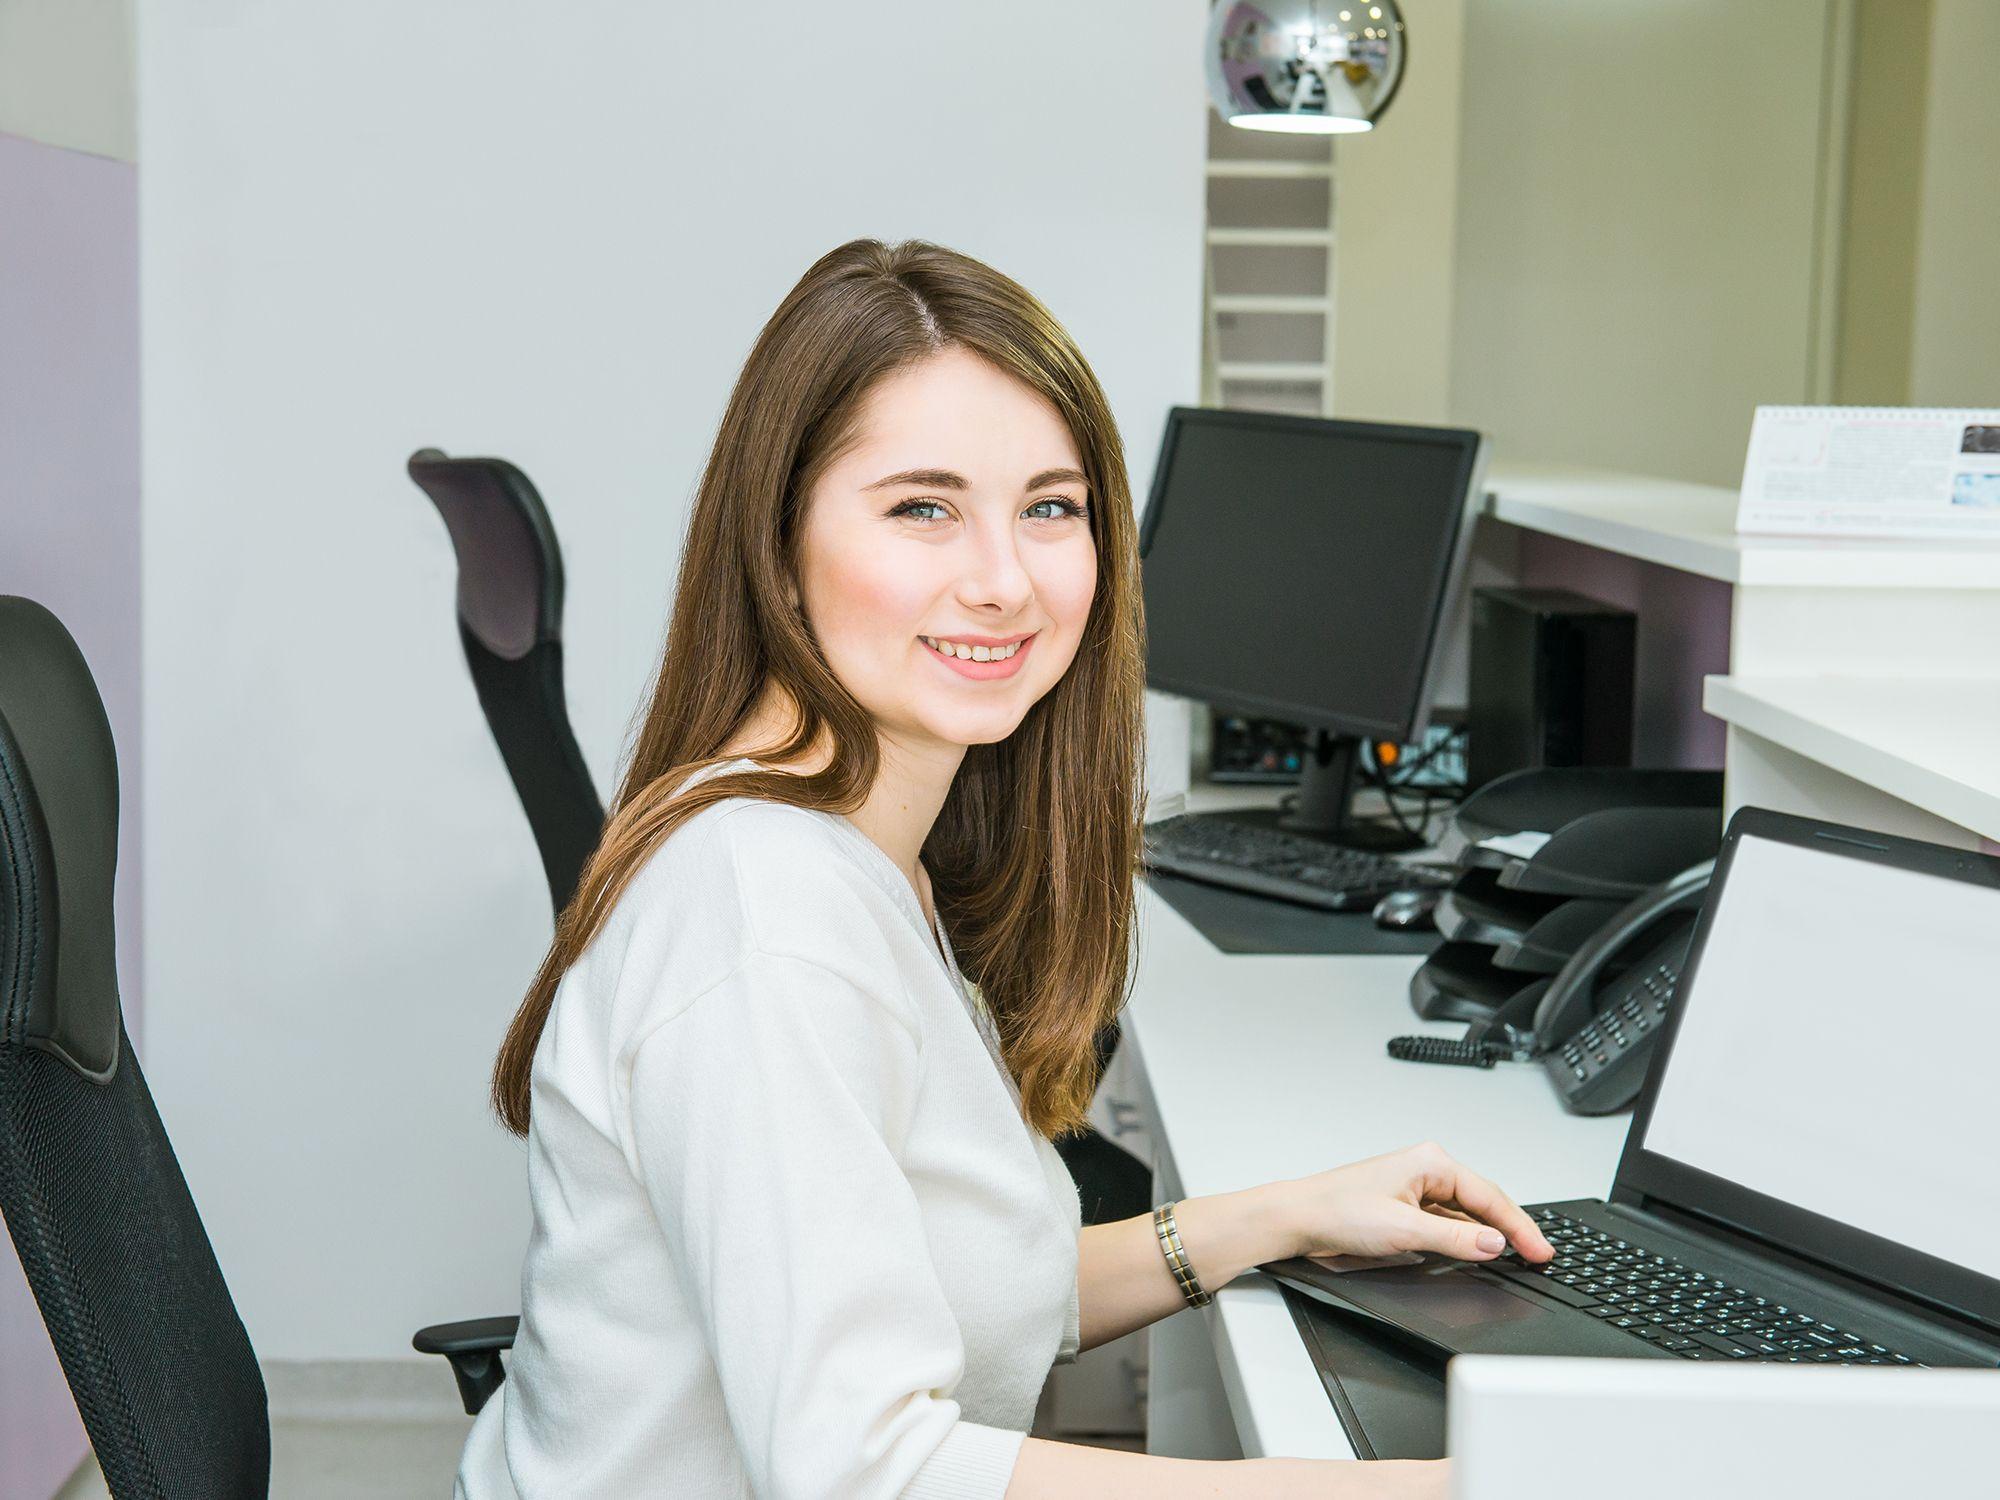 Level 1 - Empfangsmitarbeiter wie Rezeptionistin, Rezeptionisten, Empfangskräfte, Empfangsdamen, Empfangsherren, Empfangskraft, Empfangsassistenten, Empfangsassistentin, Empfangsangestellte, Empfangsassistenz, Empfangschef, Empfangspersonal, Empfangssekretärin, Empfangsservice, Front Office Agent, Front Office Manager, Rezeptionsmitarbeiter, Rezeptionsfachkraft, Tresenkraft, Tresenmitarbeiter, Bürohilfskraft, Bürofachkraft und Bürokraft für Büros, Büroarbeit, Büroaufgaben, Bürotätigkeiten, Büroorganisation, Urlaubsvertretung und Rekrutierung per Zeitarbeit, Arbeitnehmerüberlassung, Personalüberlassung und Personalvermittlung buchen und finden